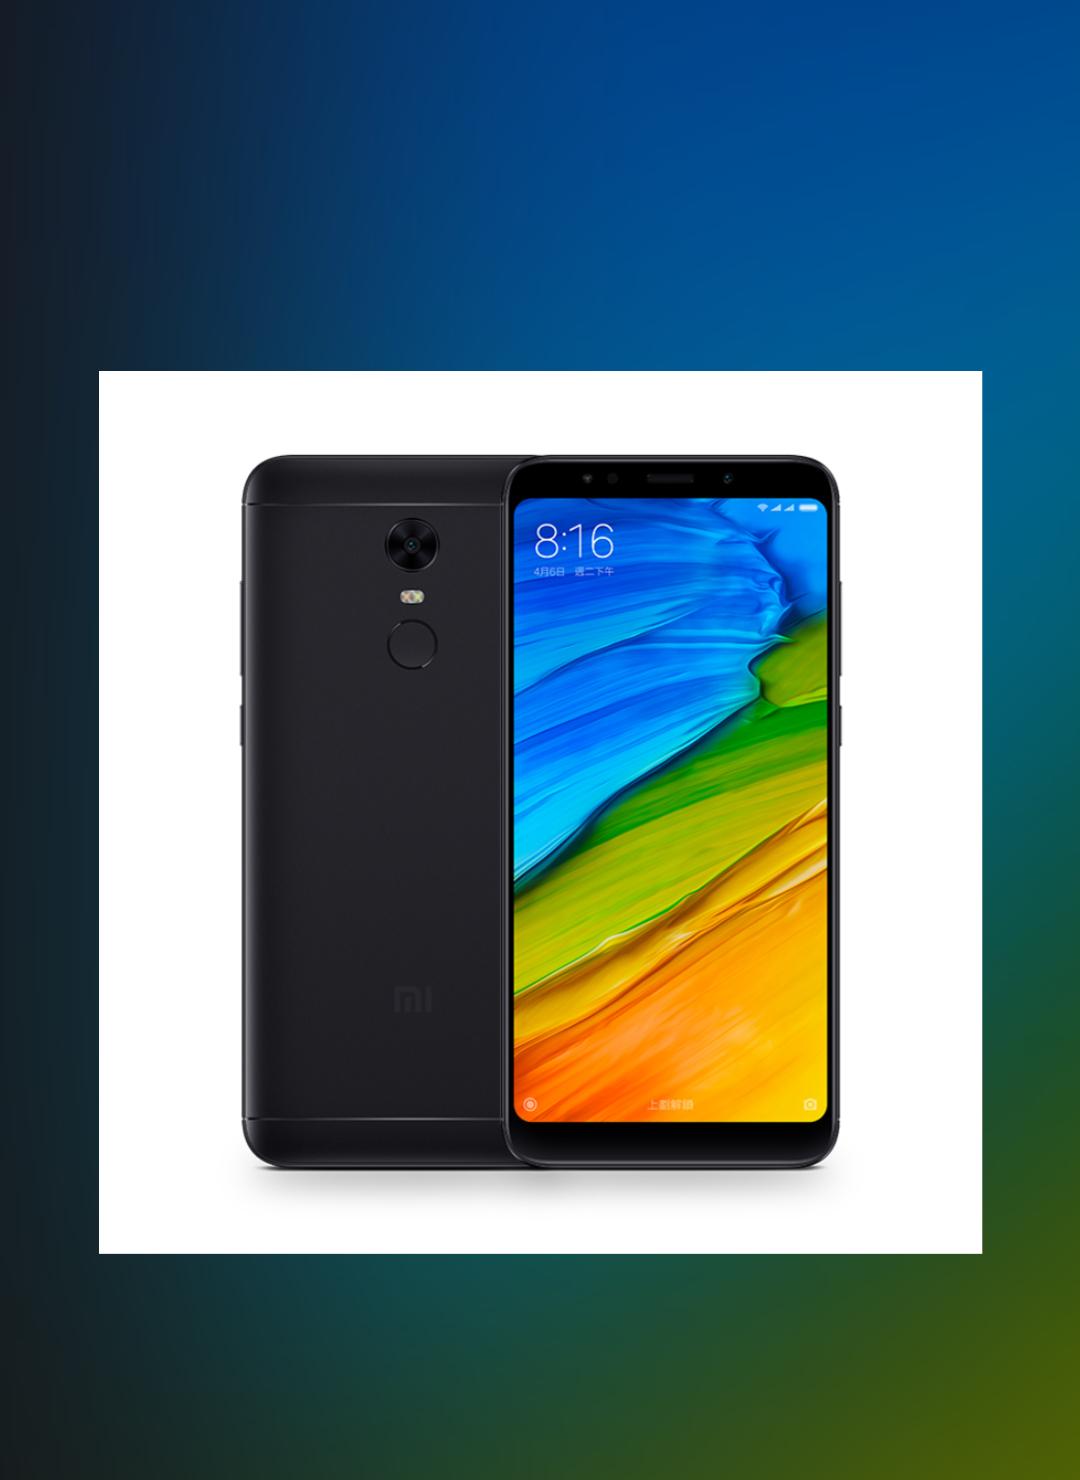 Xiaomi Redmi 5 plus 4gb/ 64gb Dual Sim Sim Free/Unlocked - Black £144.52 @ Eglobal